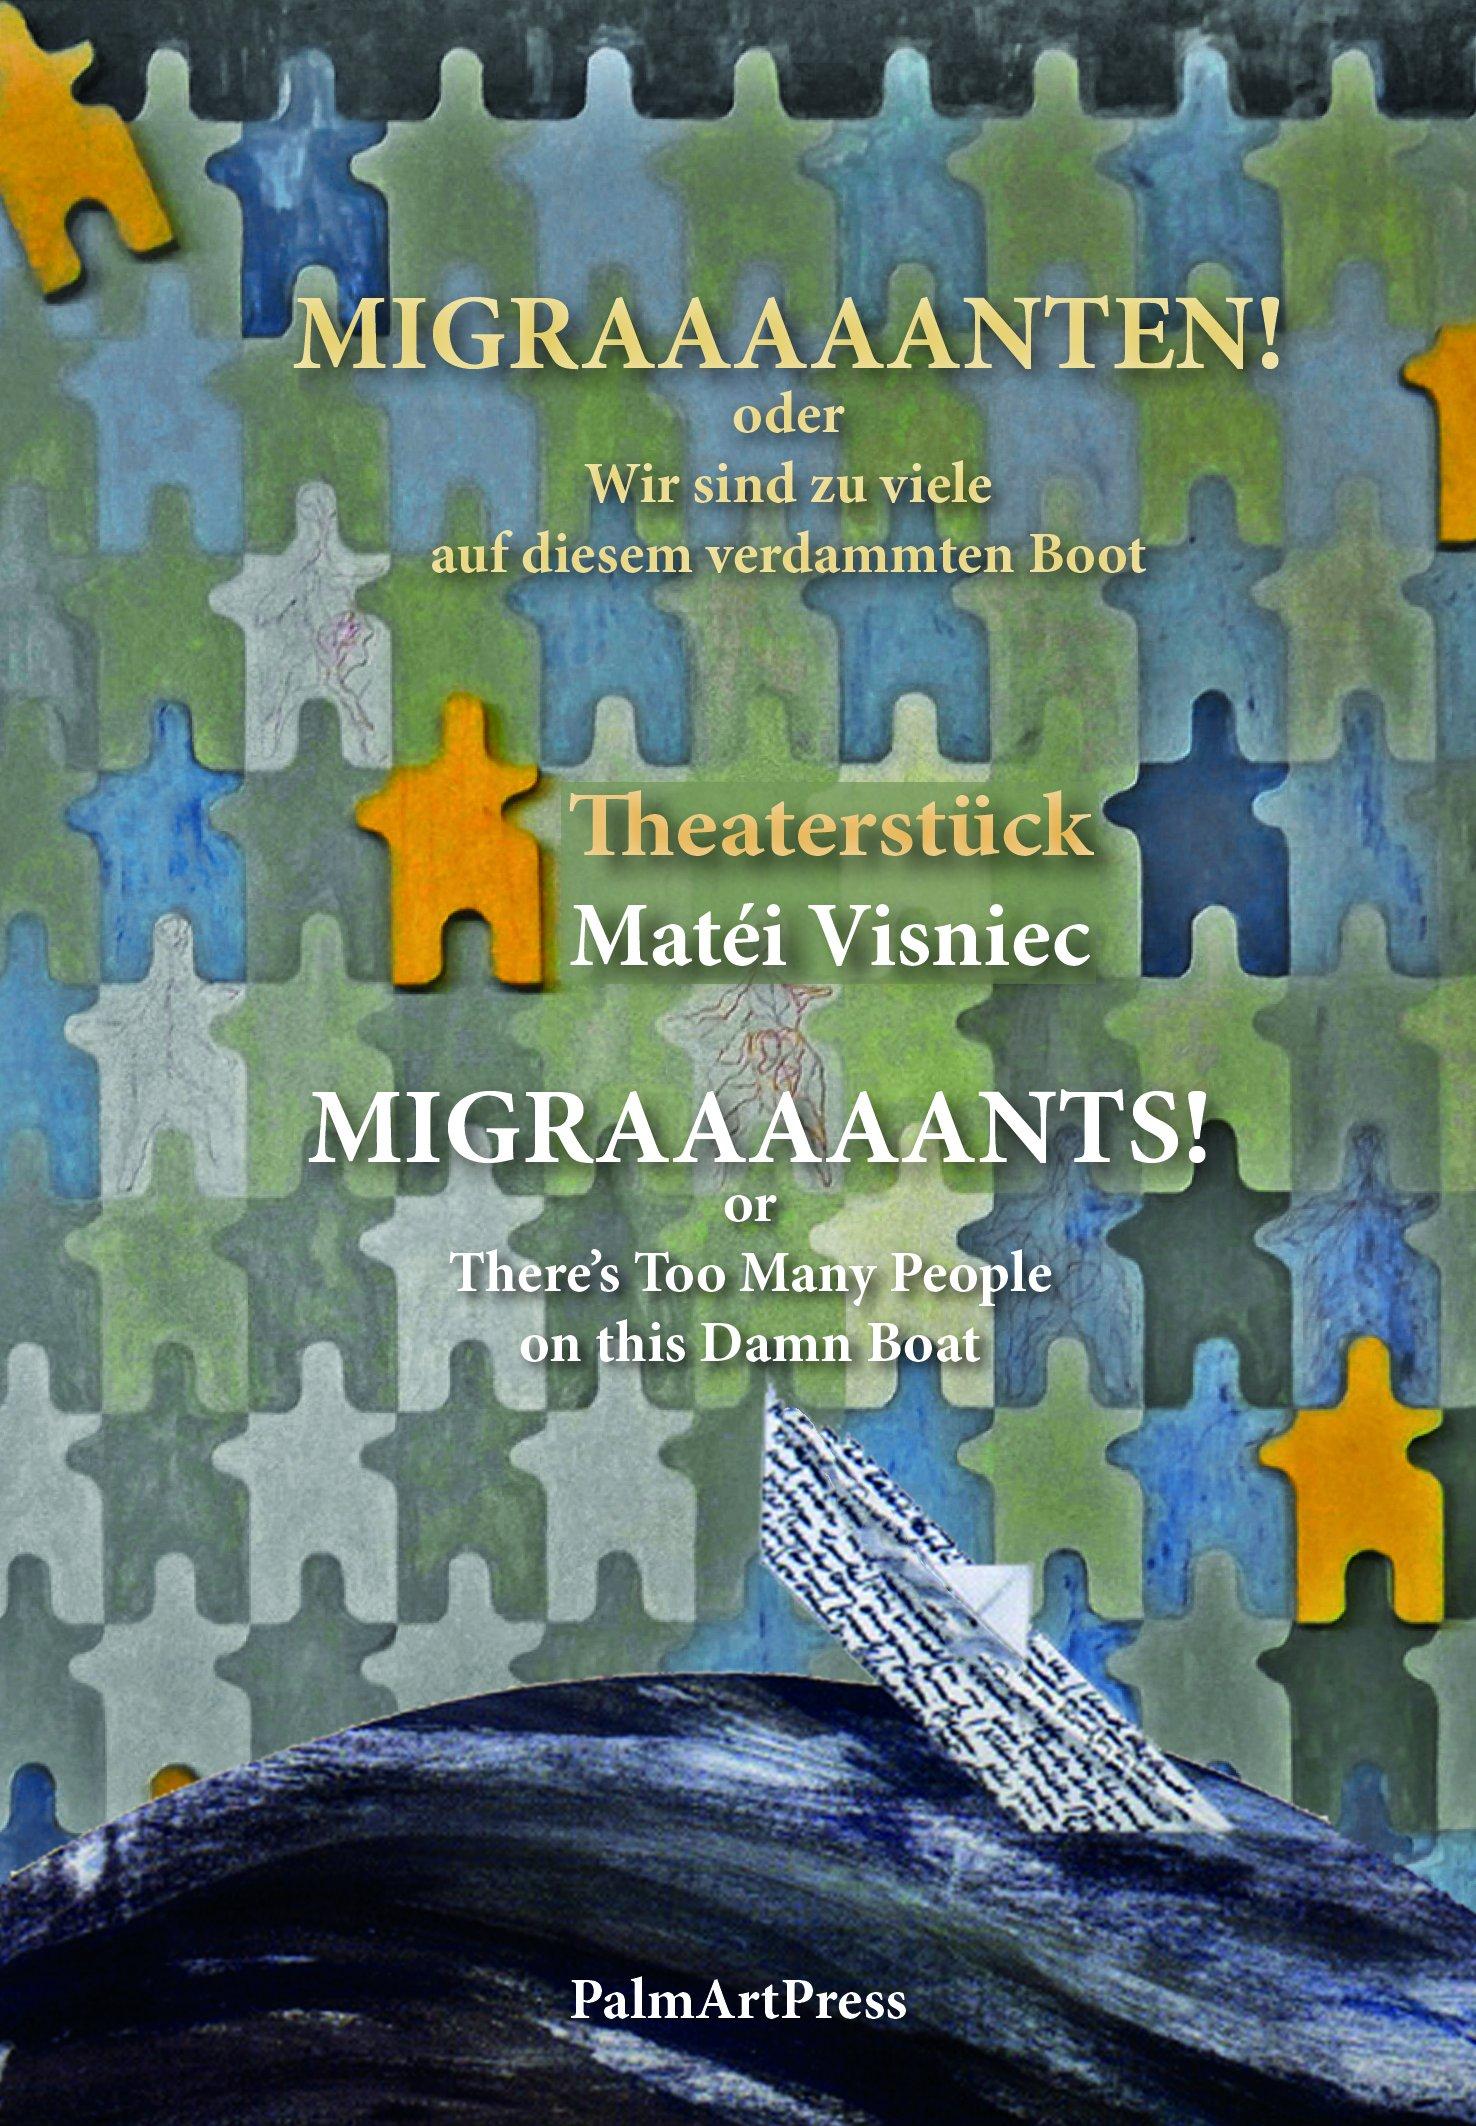 MIGRAAAAANTEN!: Wir sind zu viele auf diesem verdammten Boot